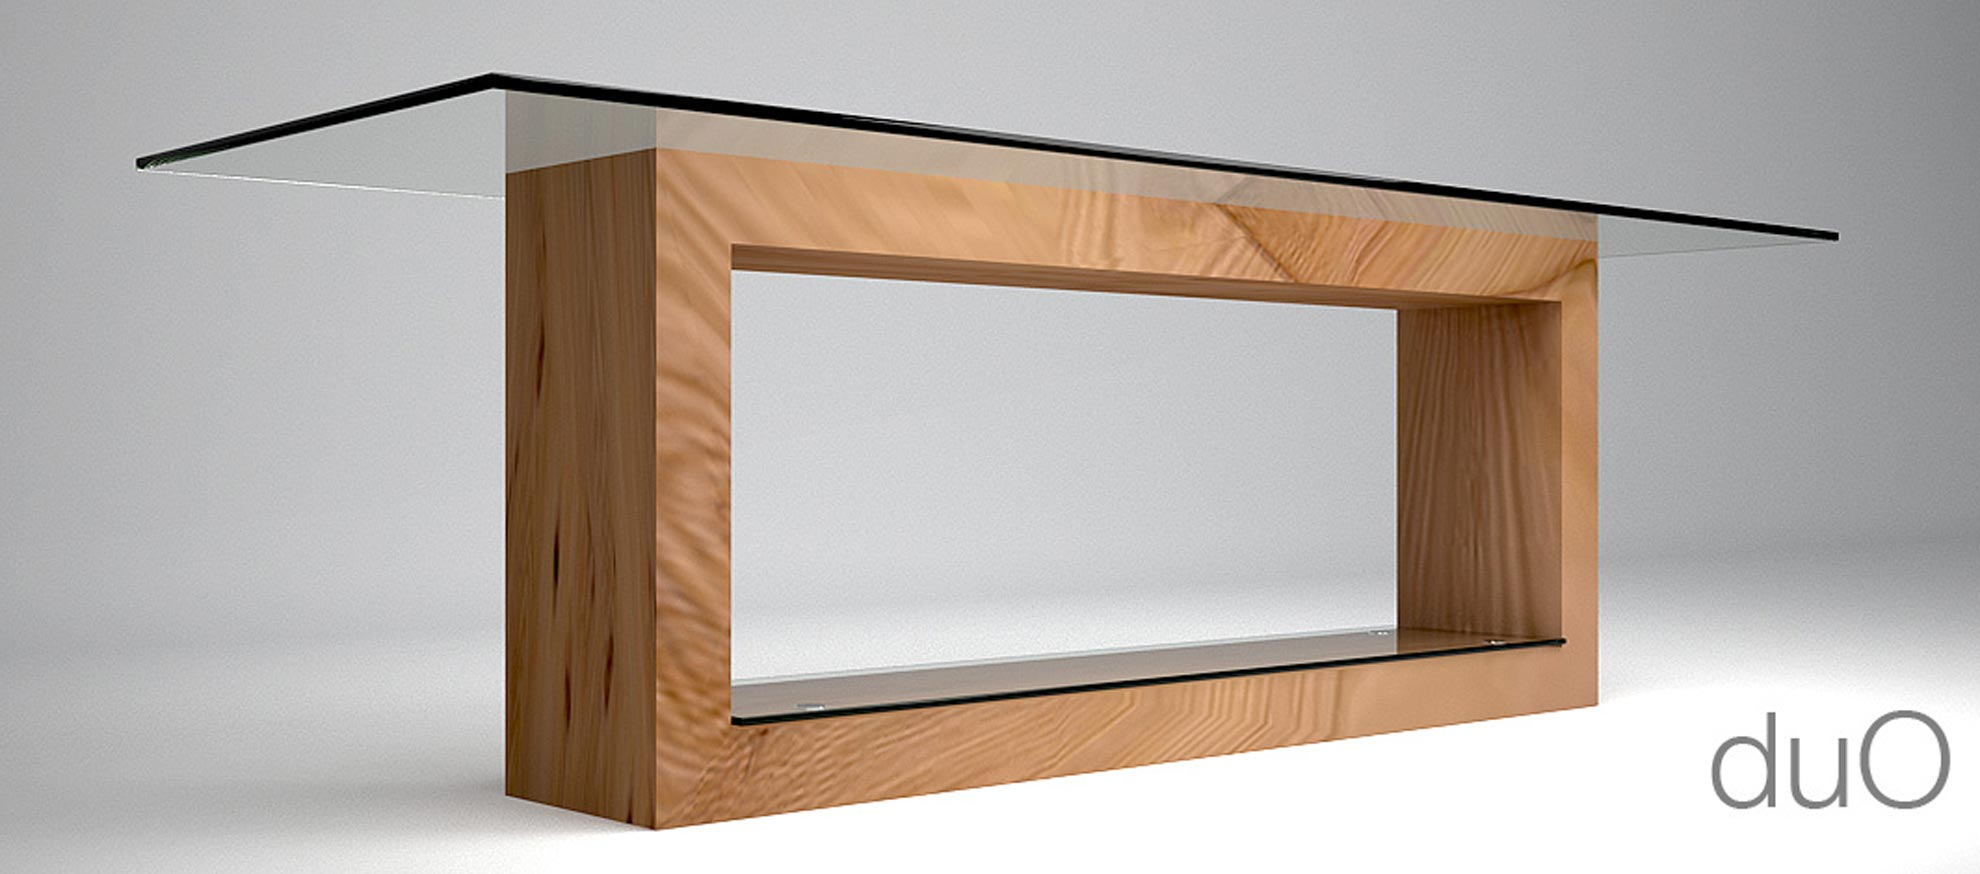 Tavolo in legno e cristallo duo architetto andrea bella for Tavolo da studio